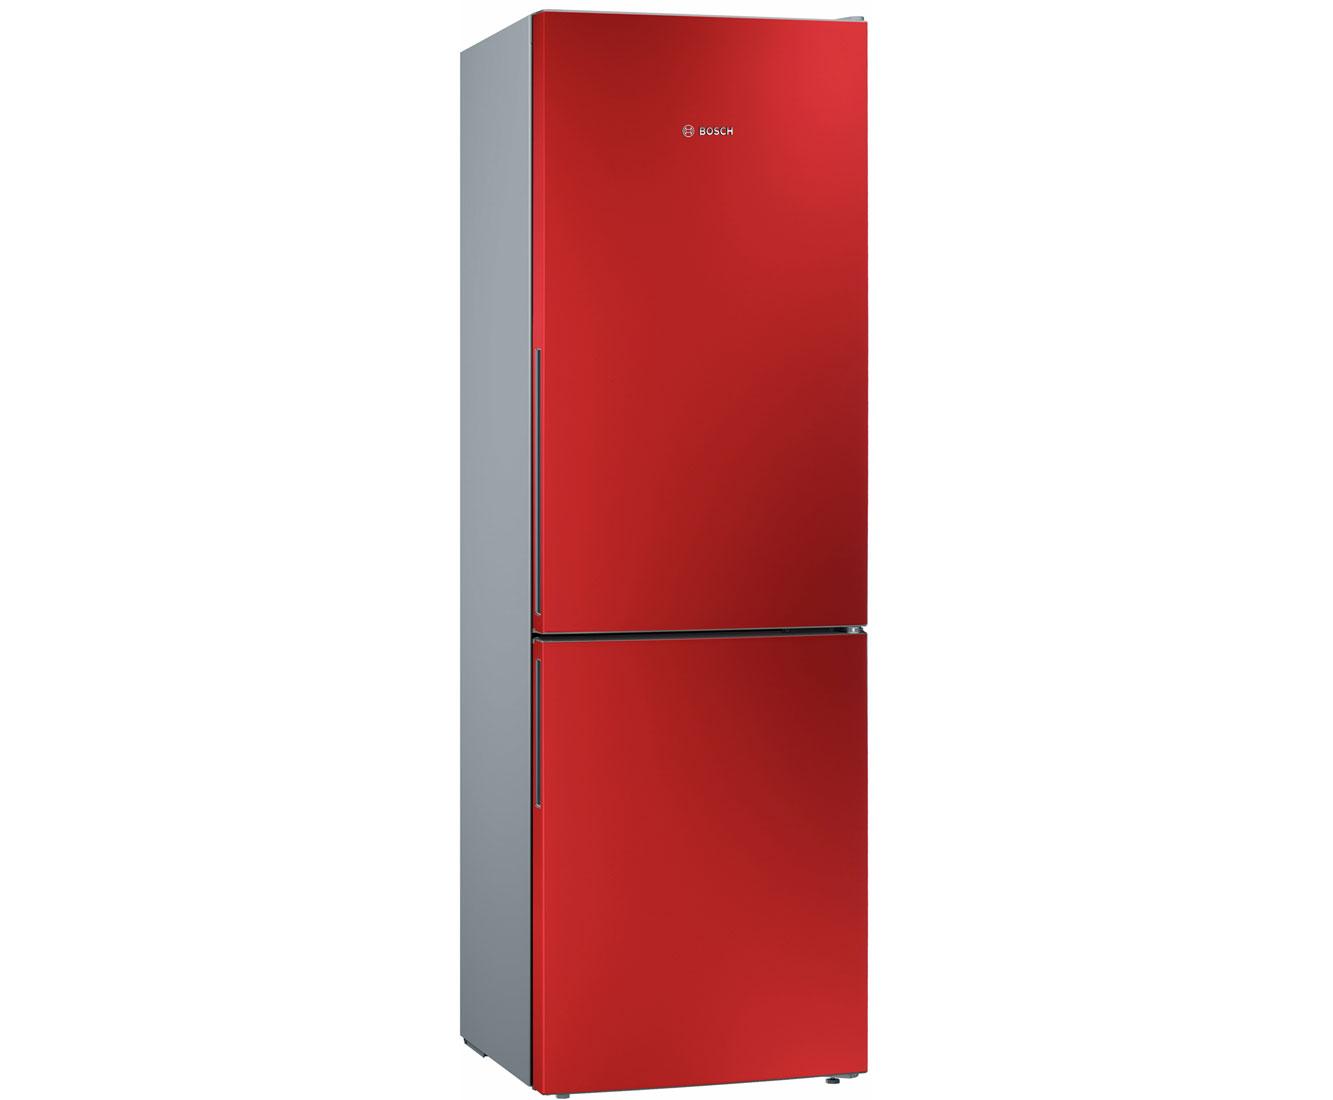 Bosch Kühlschrank Kgn 36 Xi 45 : Bosch kgn 39 preisvergleich u2022 die besten angebote online kaufen